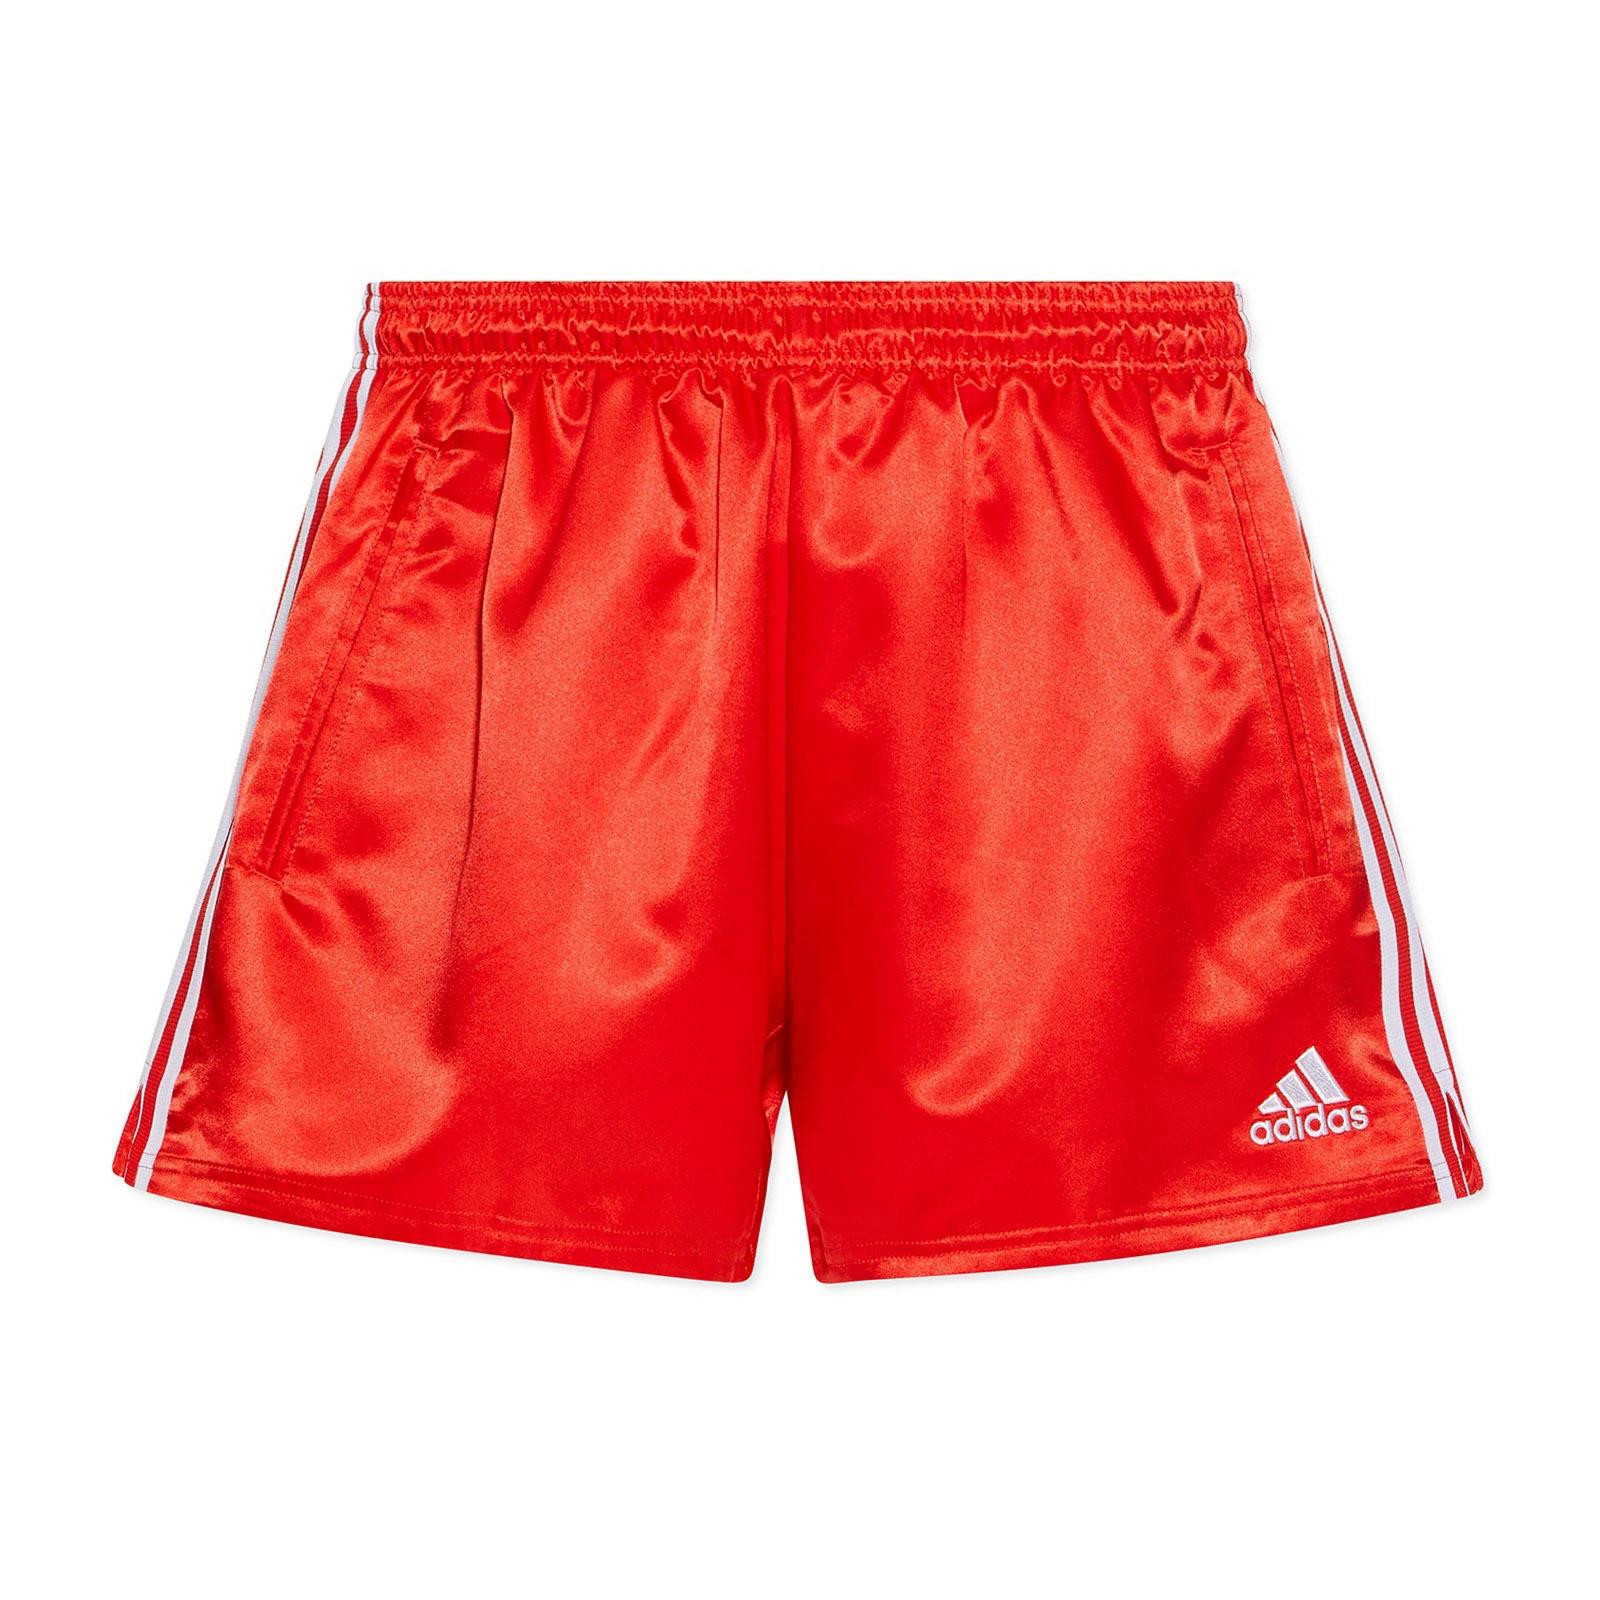 Gosha Rubchinskiy Soccer Shorts